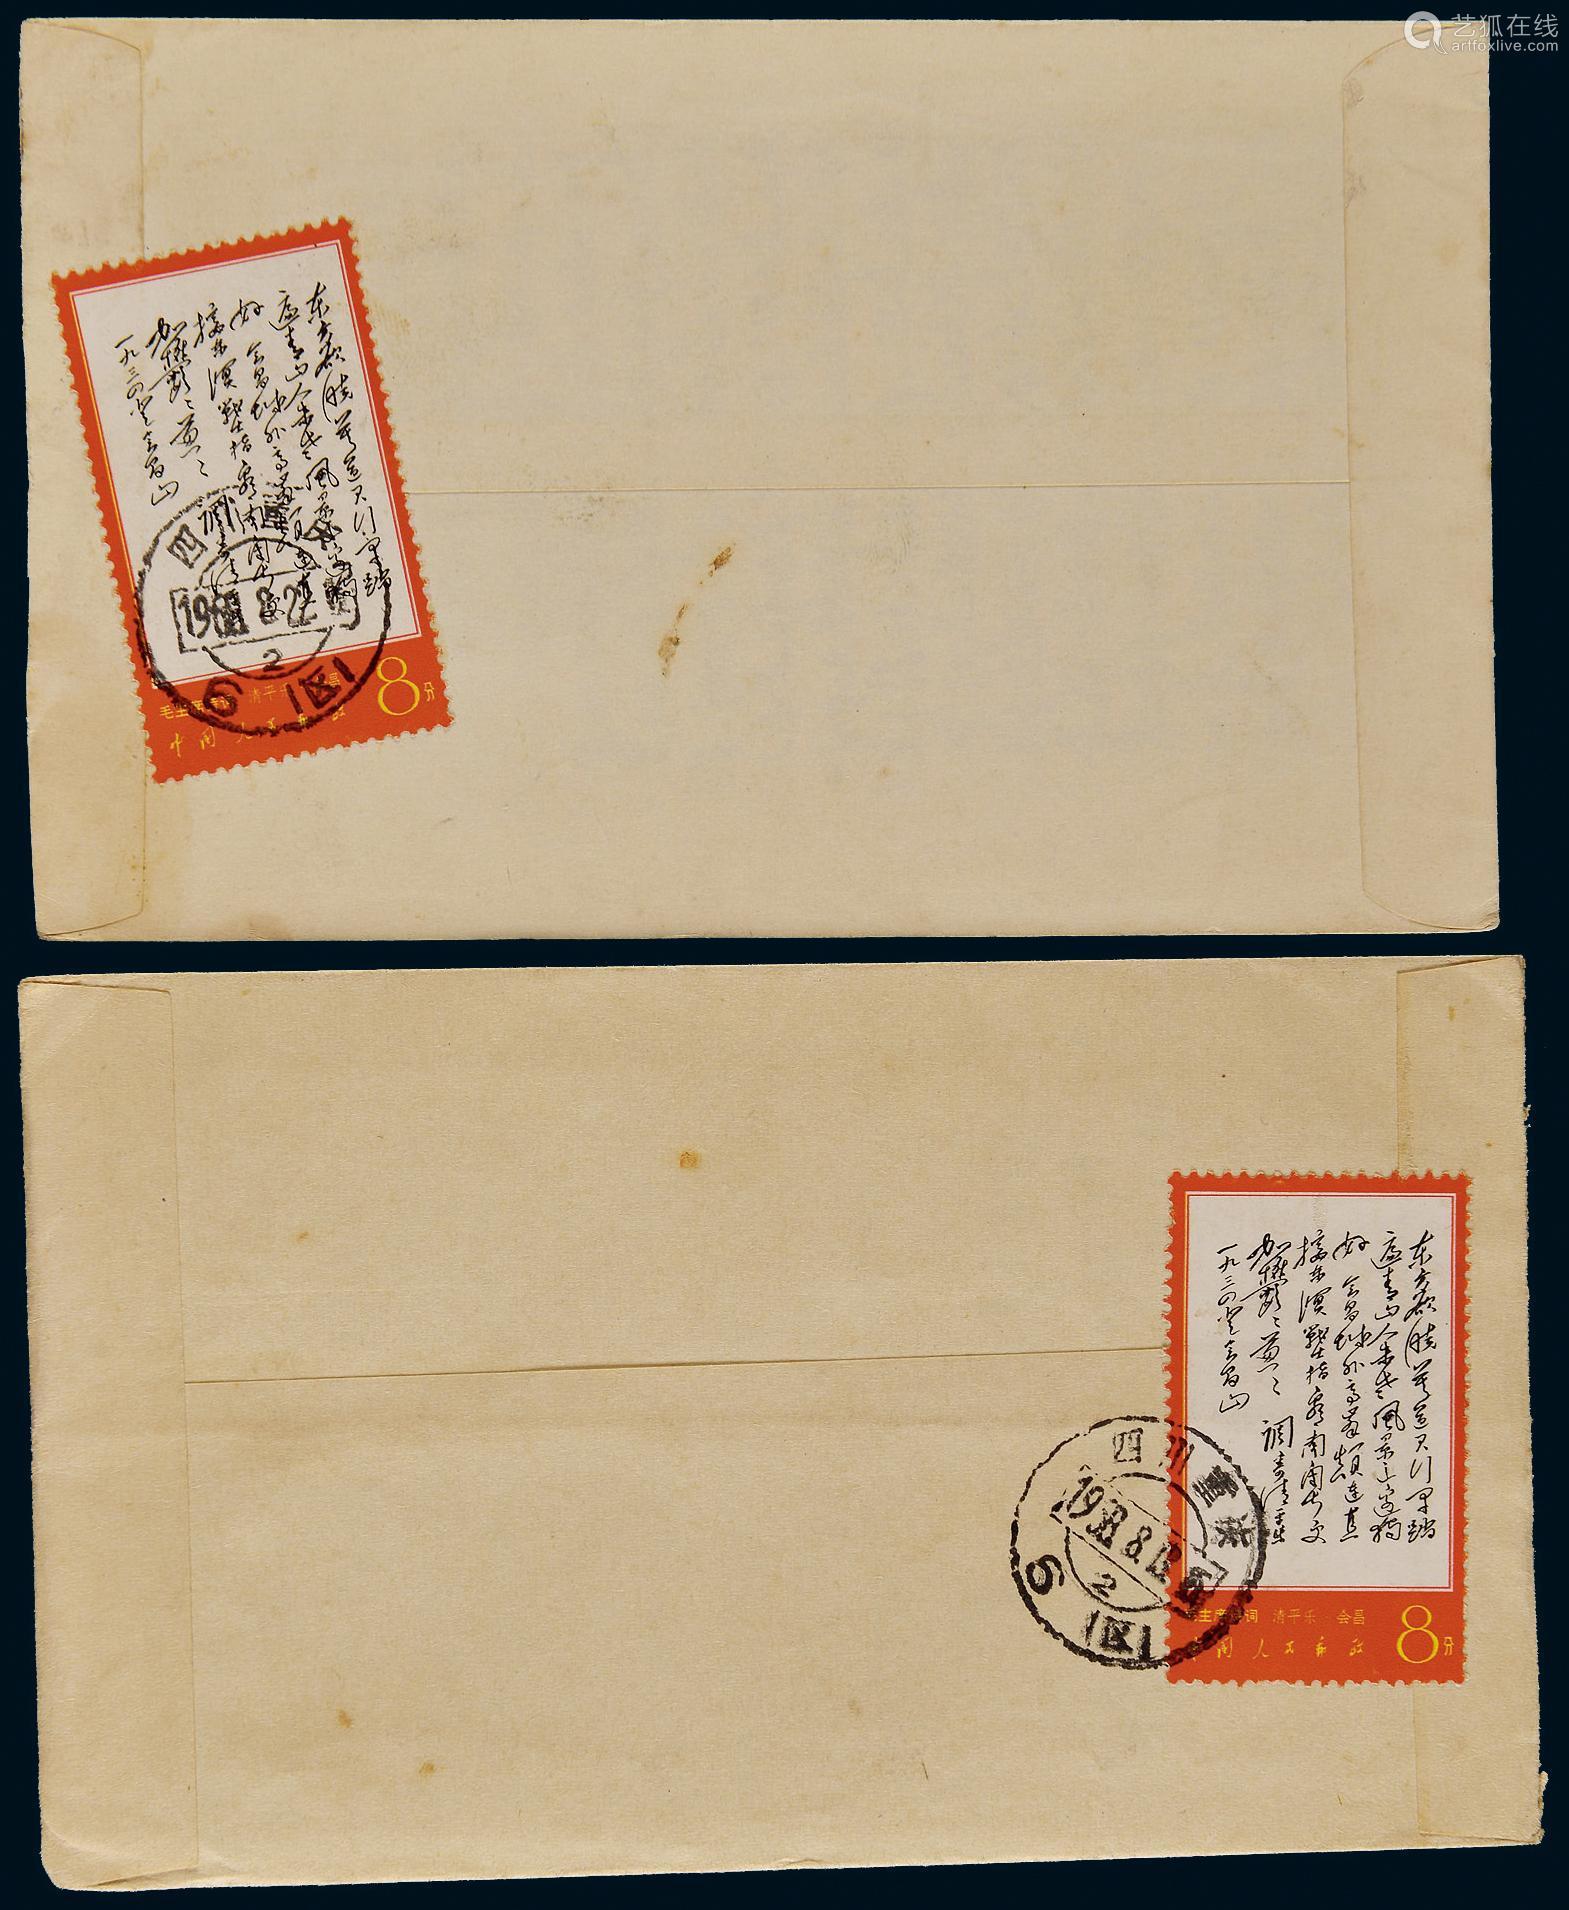 1968年四川重庆寄成都封两件